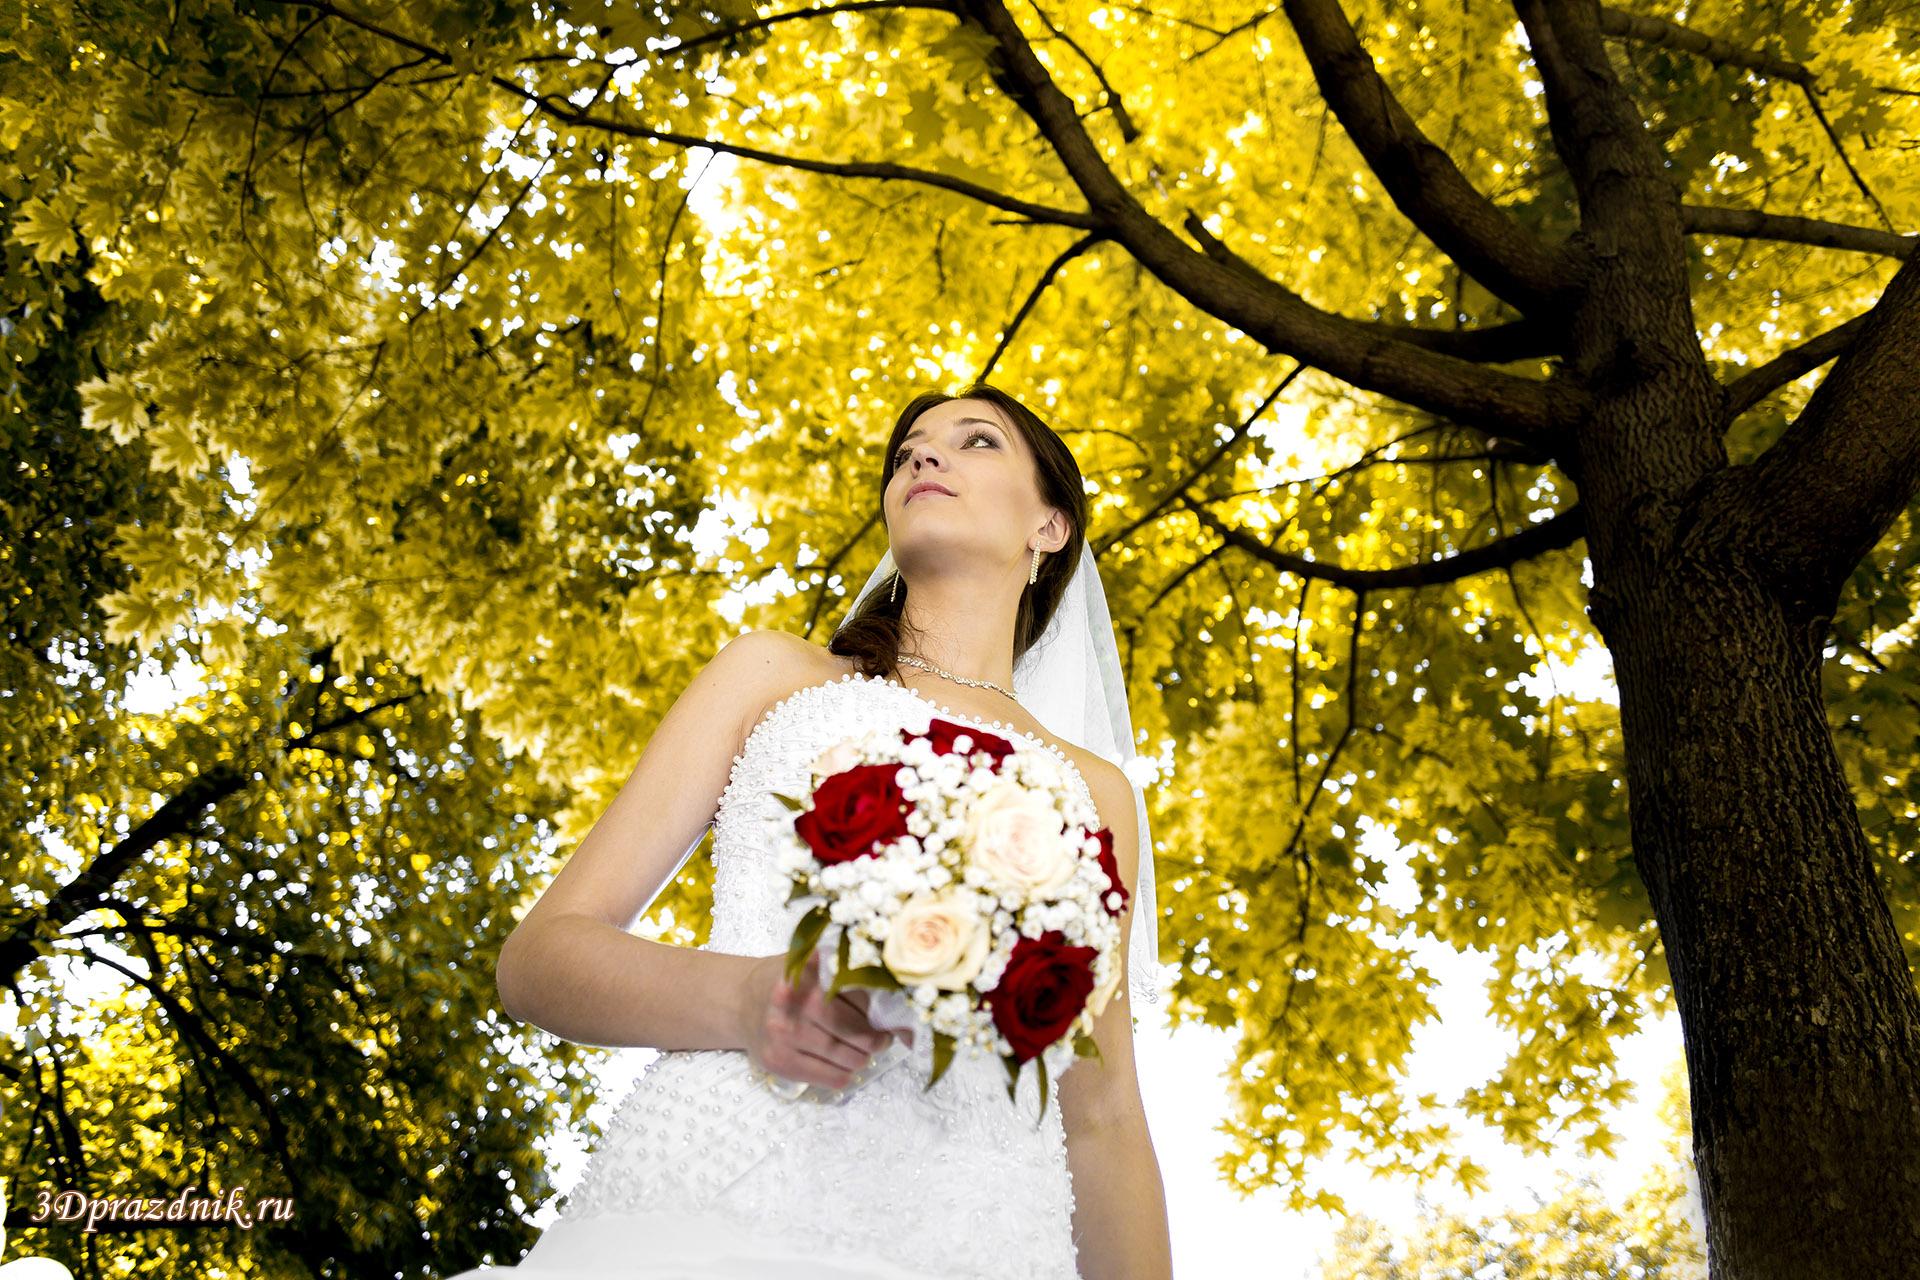 Невеста Ольга. Из лета в осень